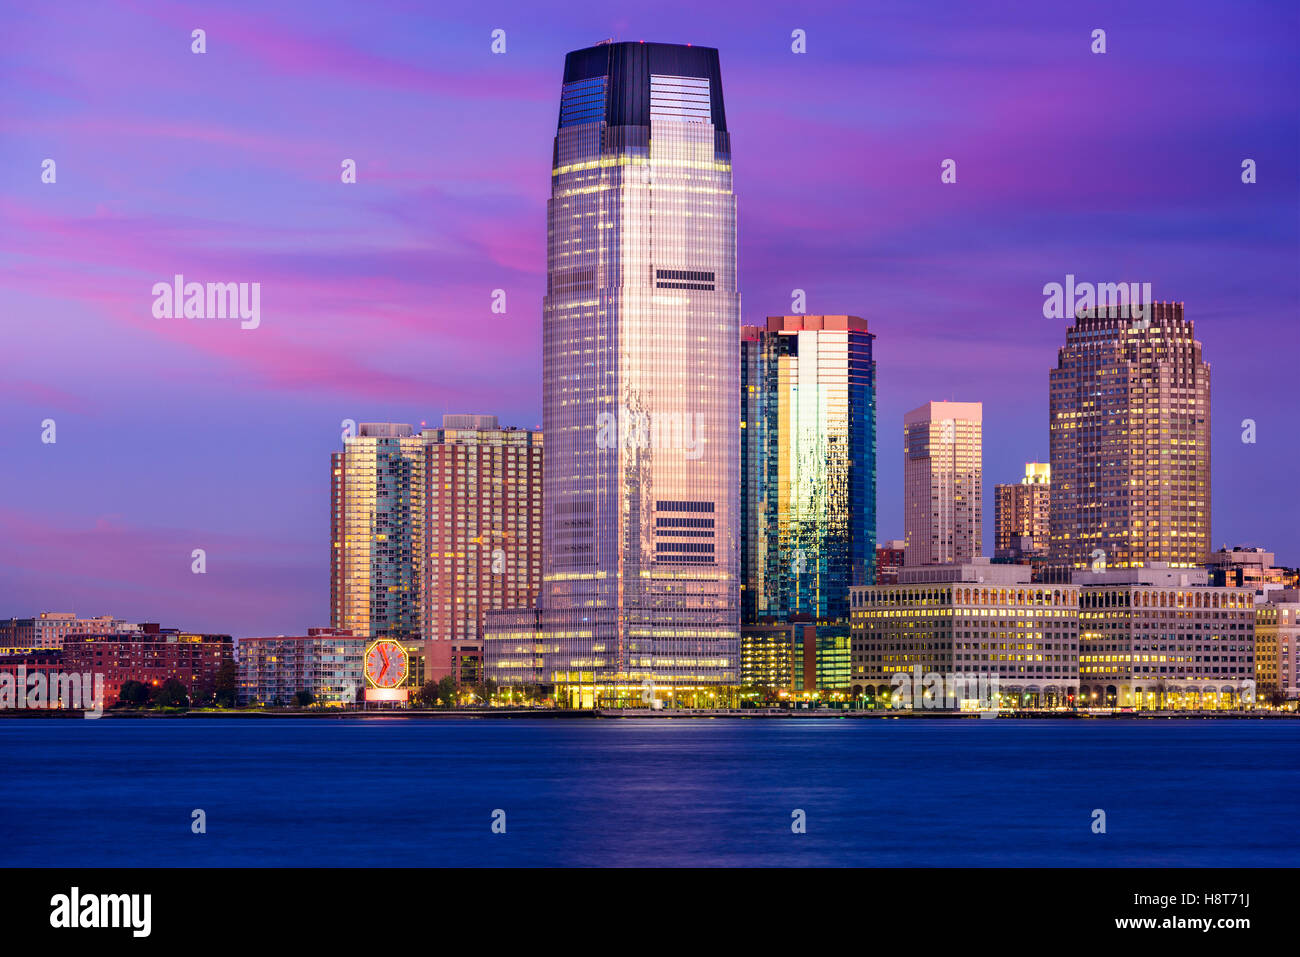 Lieu d'échange, Jersey City, New Jersey, USA Skyline sur la rivière Hudson. Photo Stock